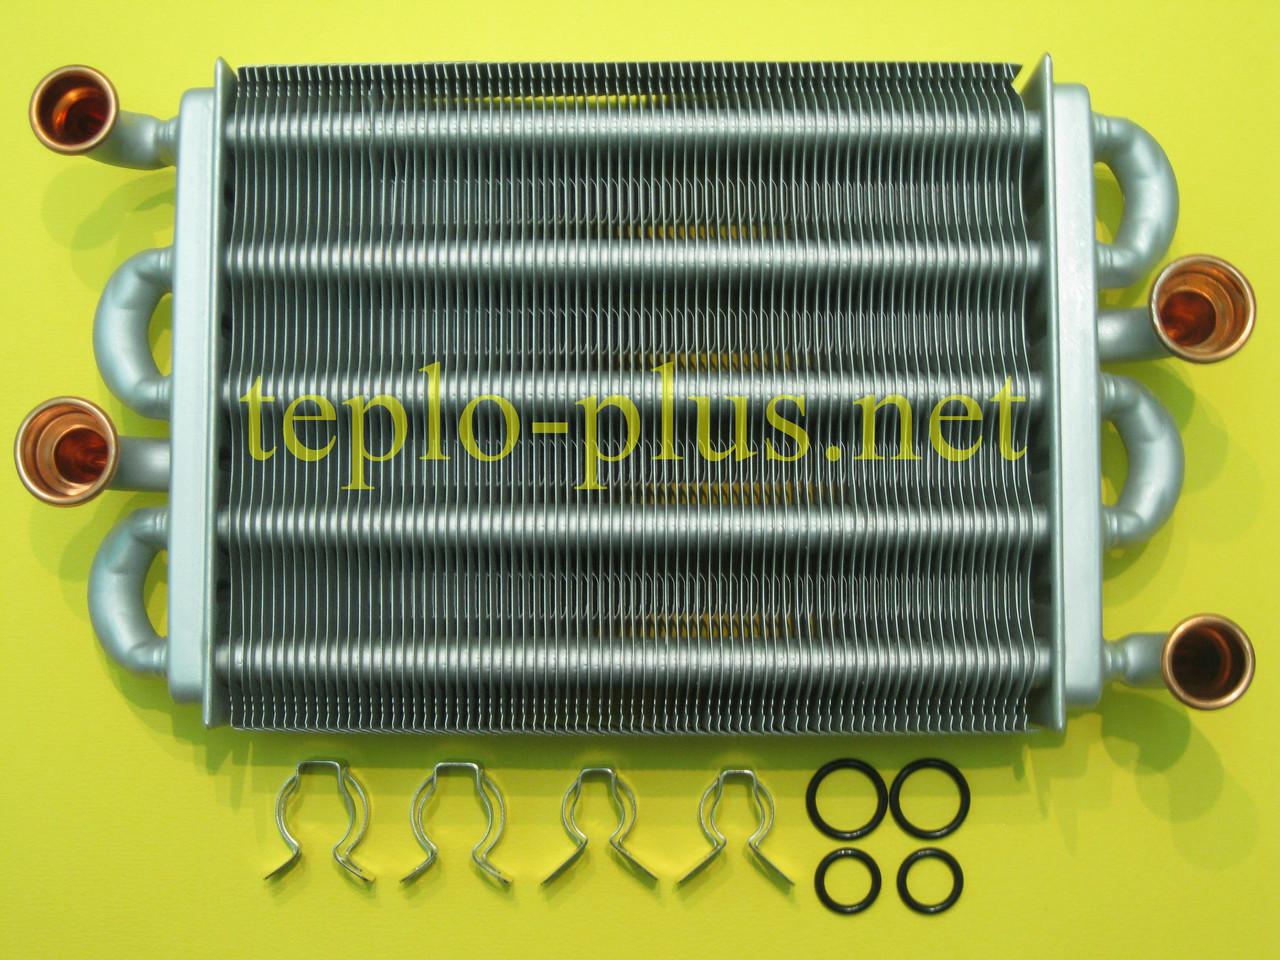 Теплообменник domiproject c24 d теплообменники для частных домов